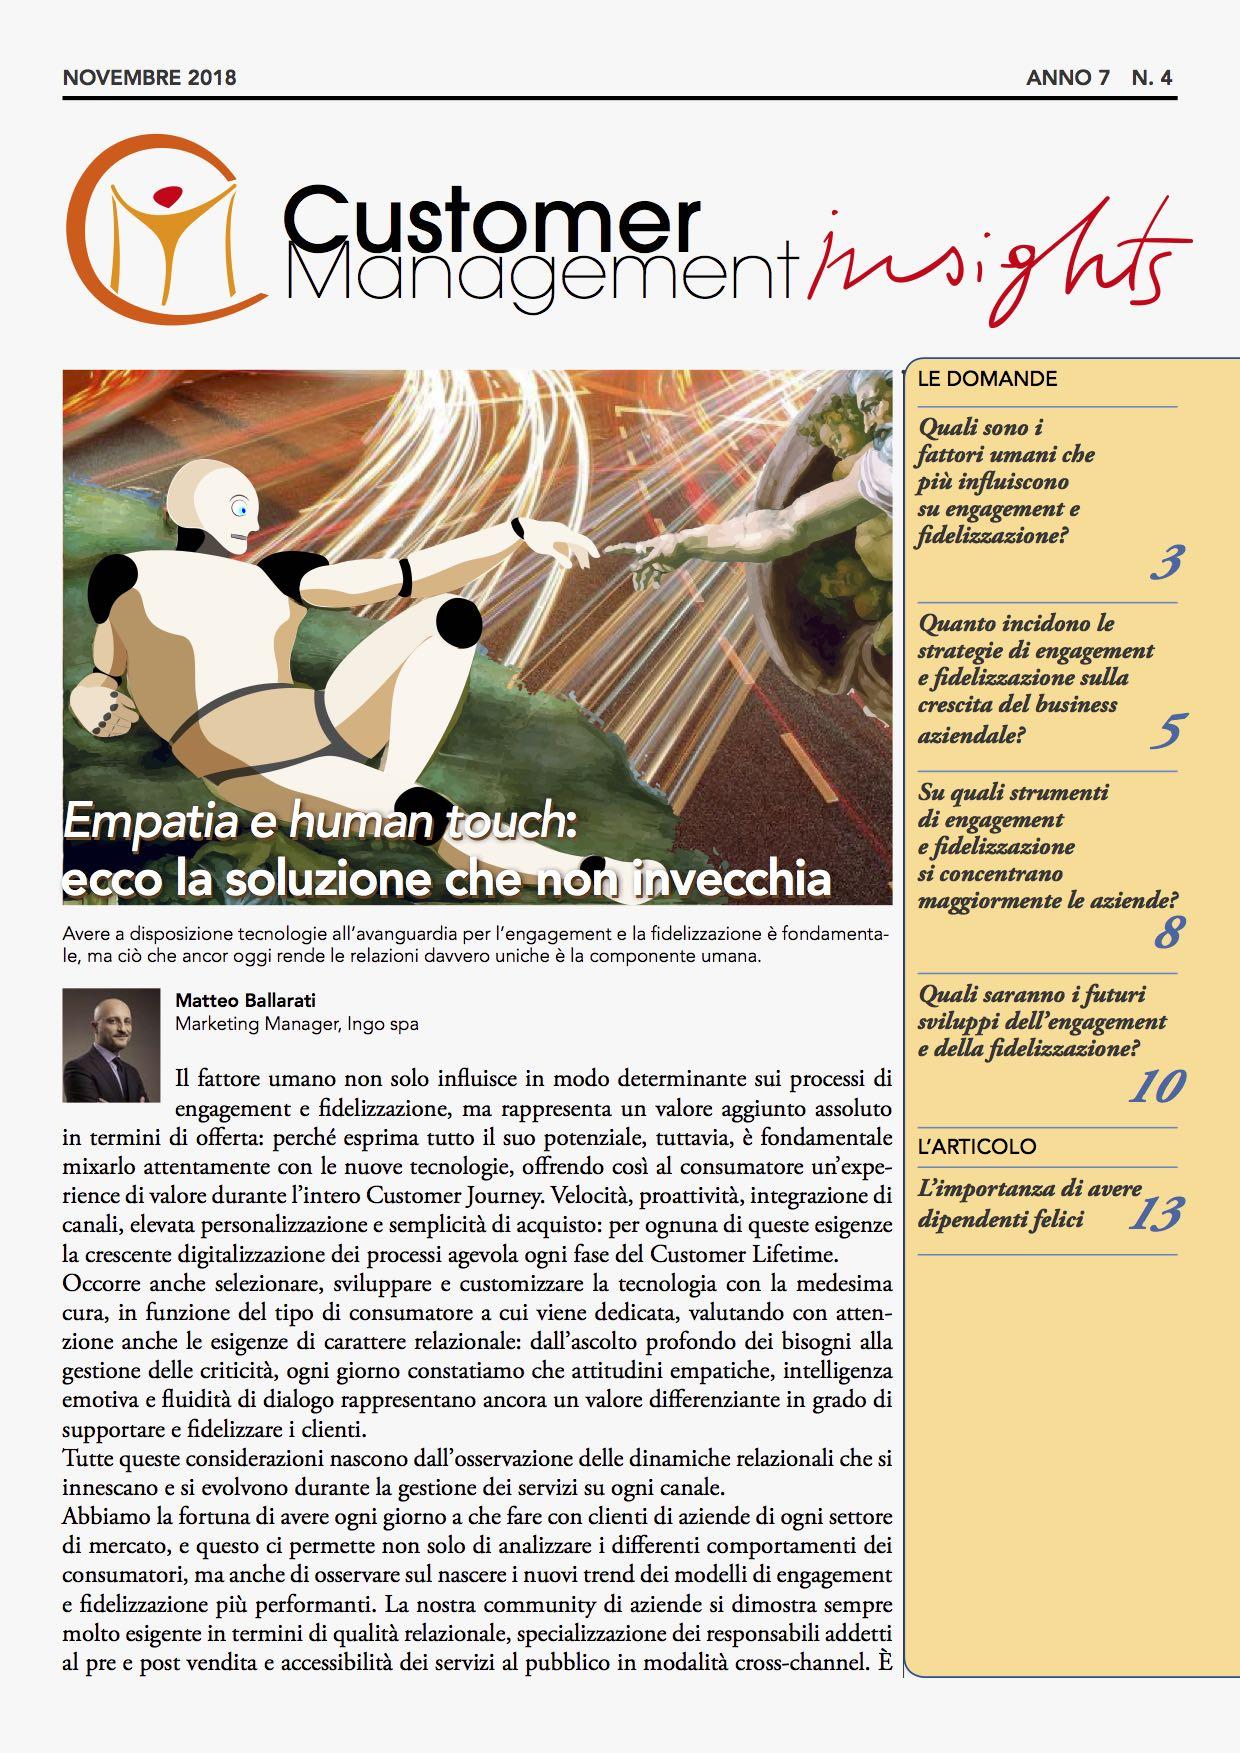 Engagement e fidelizzazione – CMI anno 7 n. 4